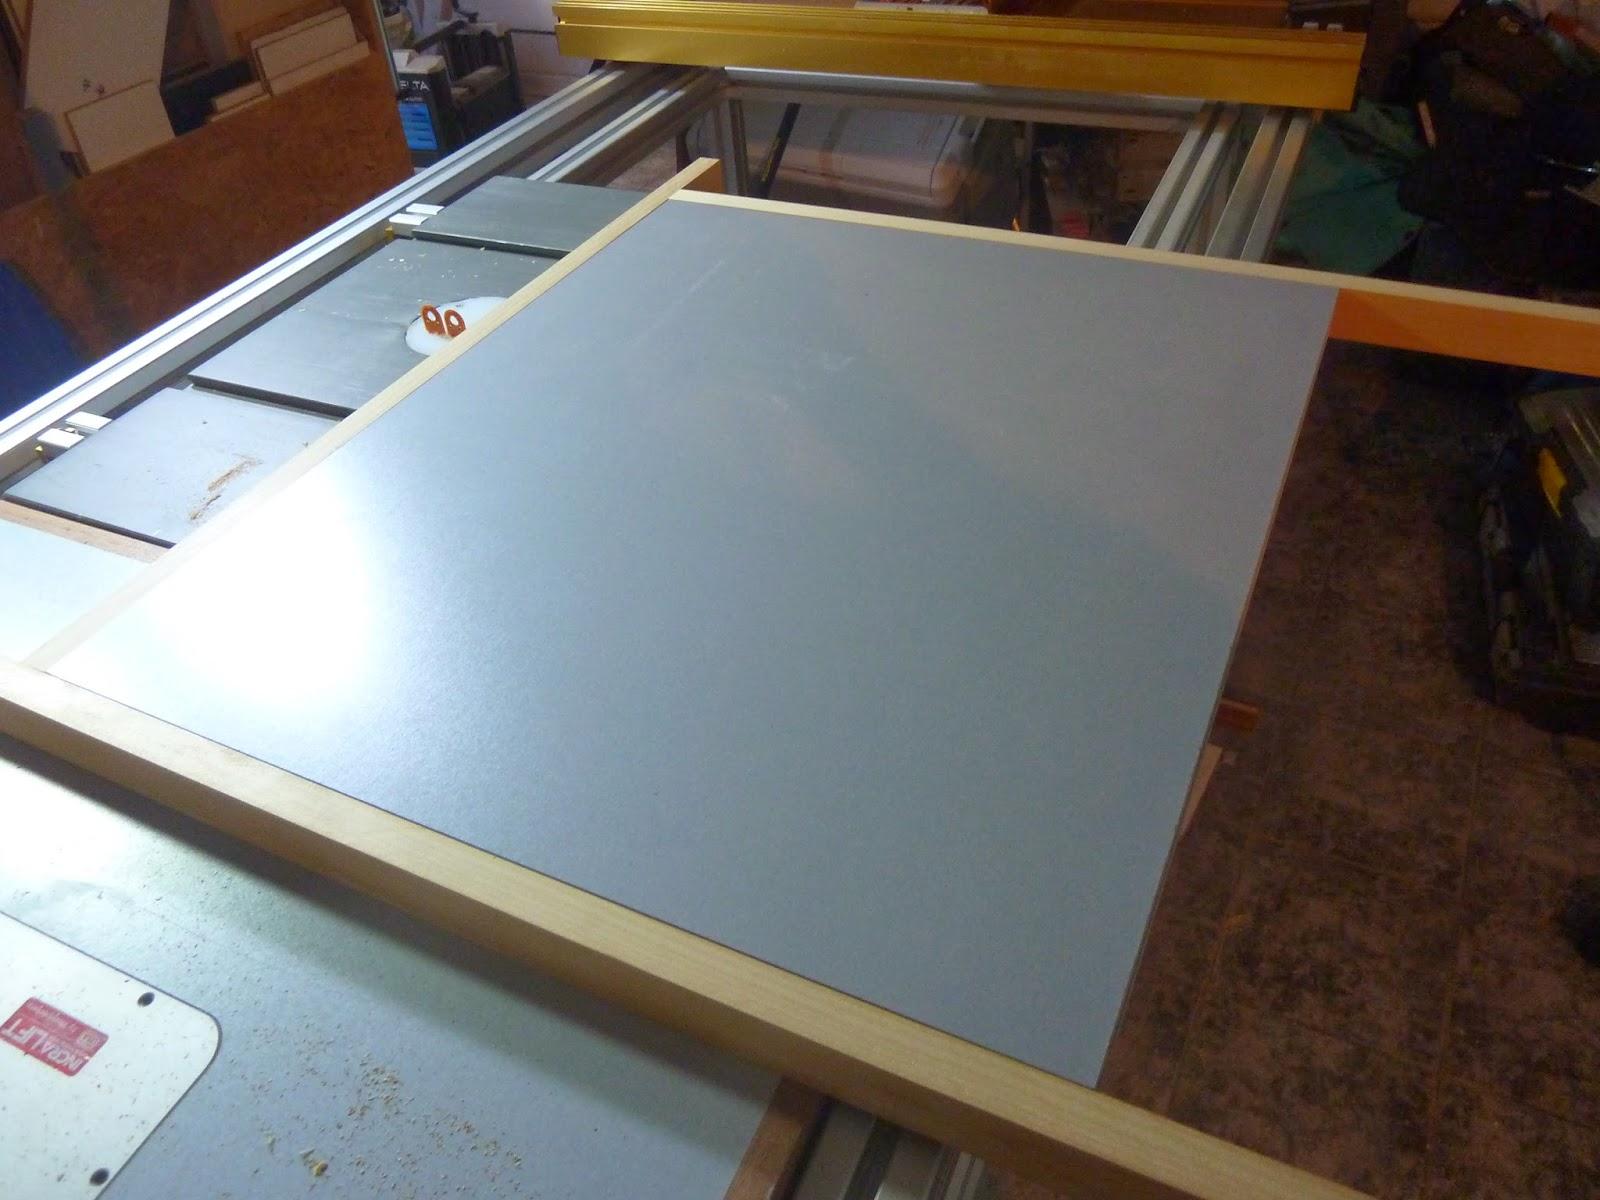 Herramientas y carpinter a mesa para taladro de banco - Taladro de mesa ...